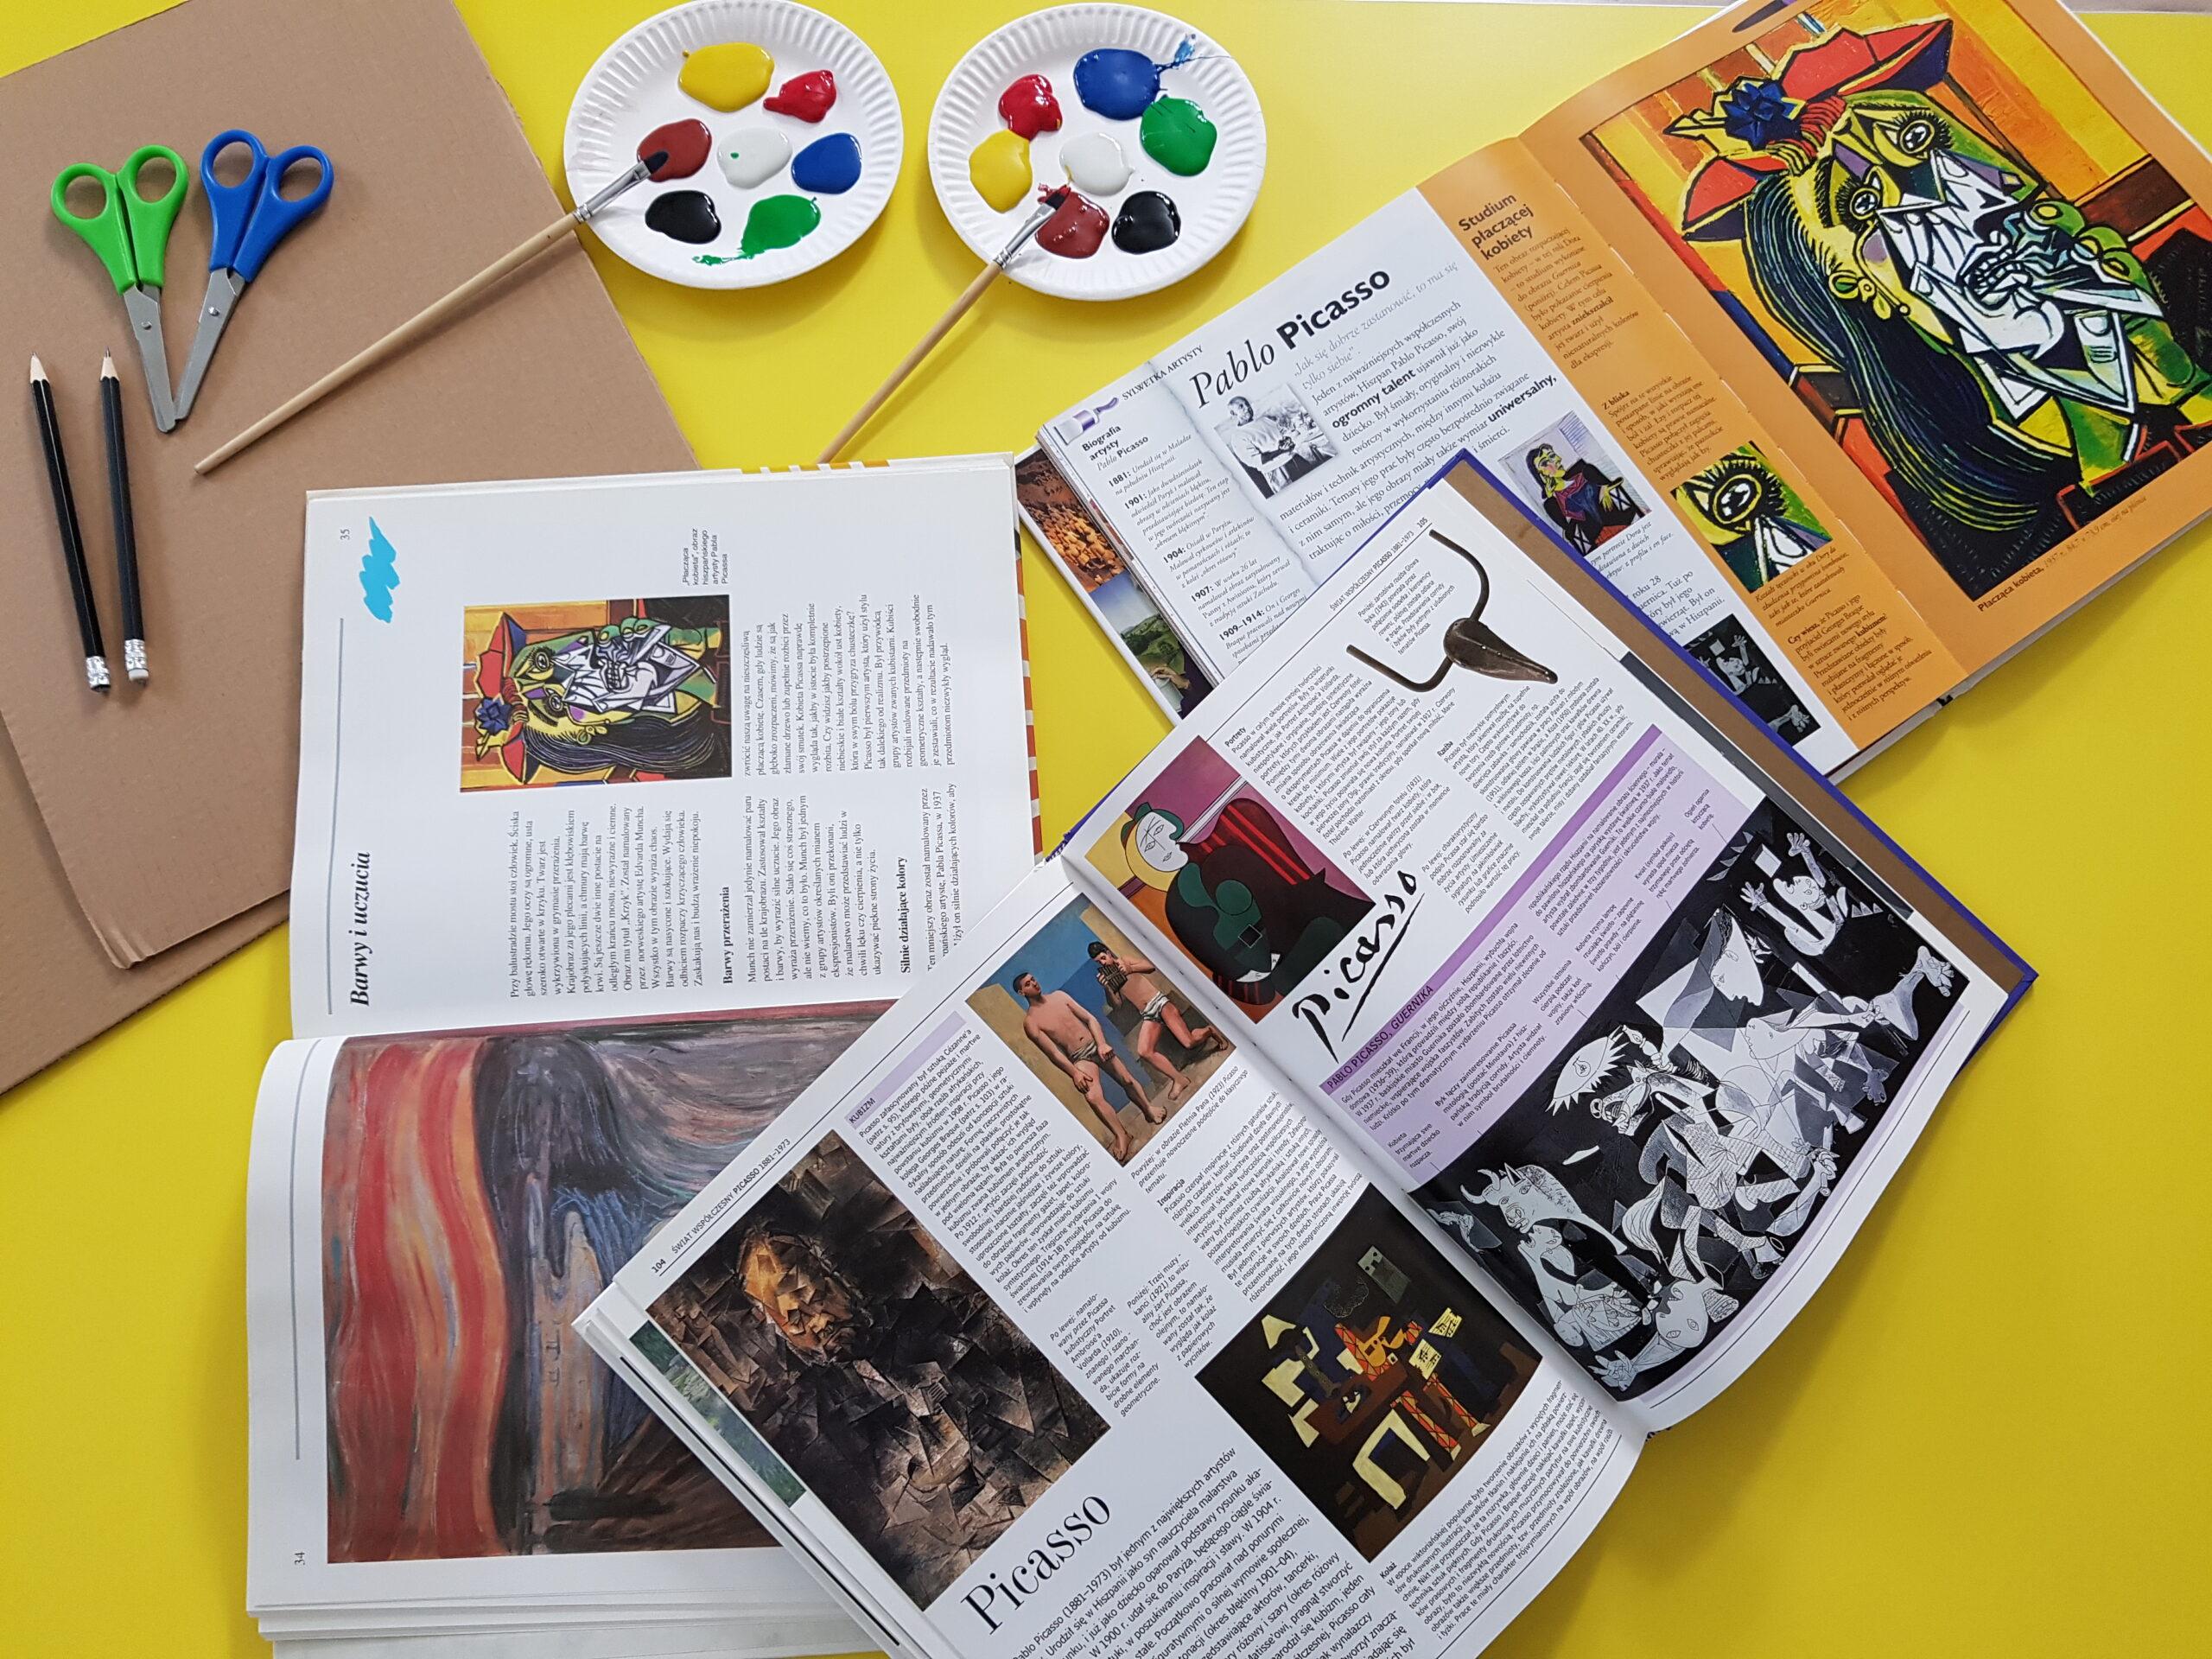 Materiały przygotowane dla dzieci do tworzenia kubistycznych portretów.